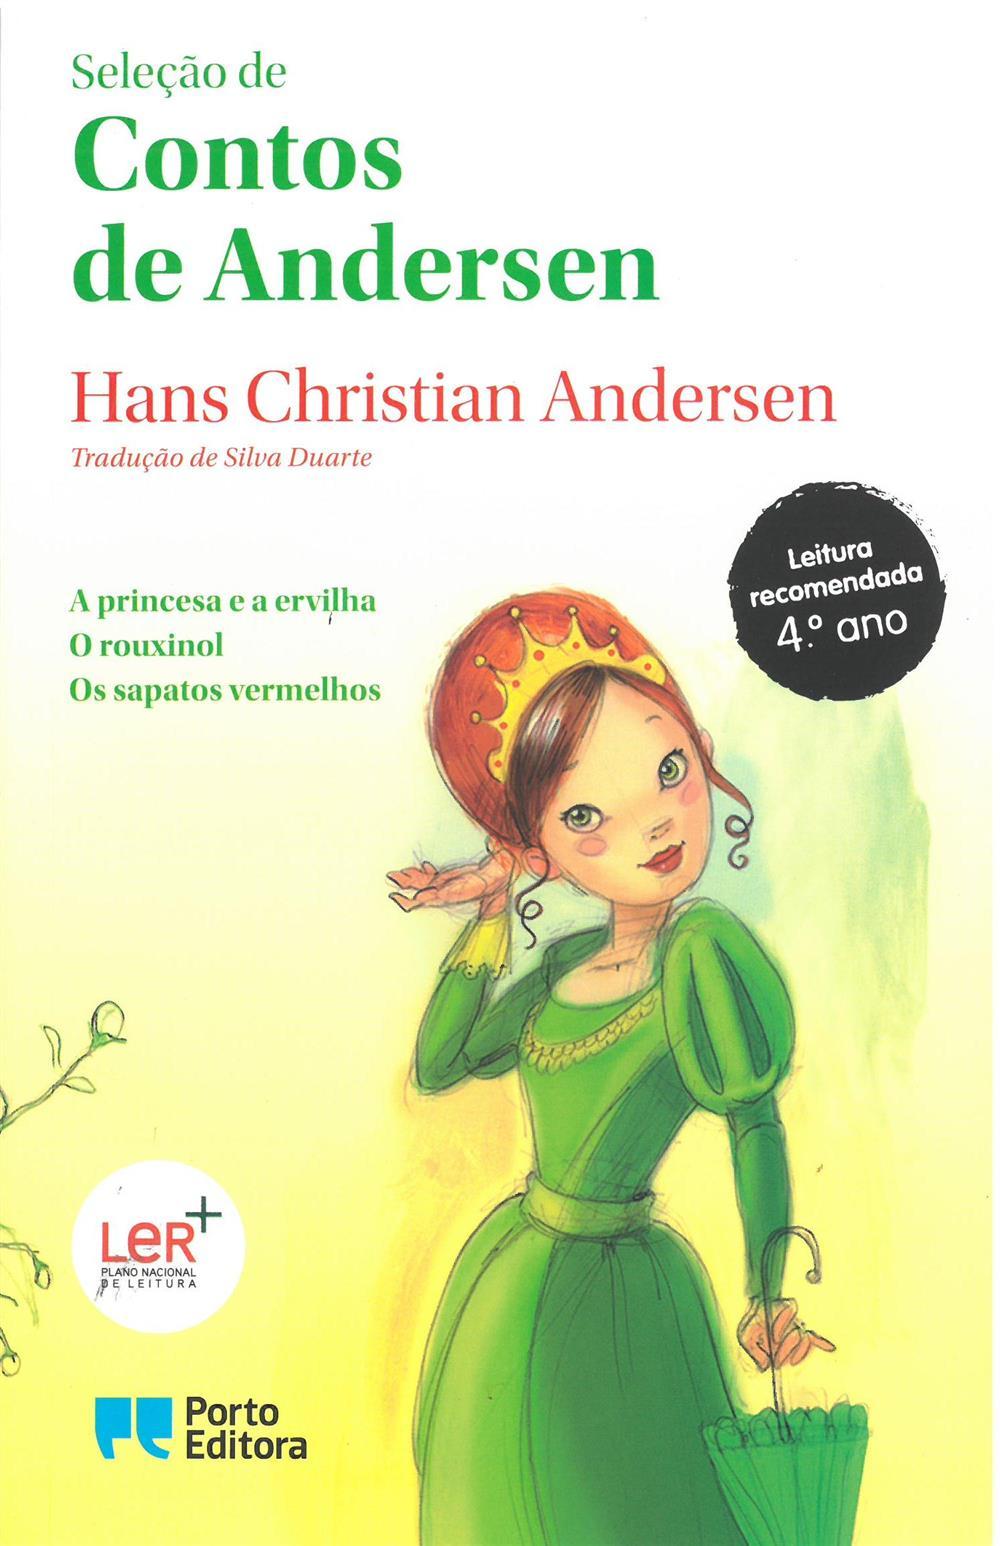 Seleção de contos de Andersen.jpg